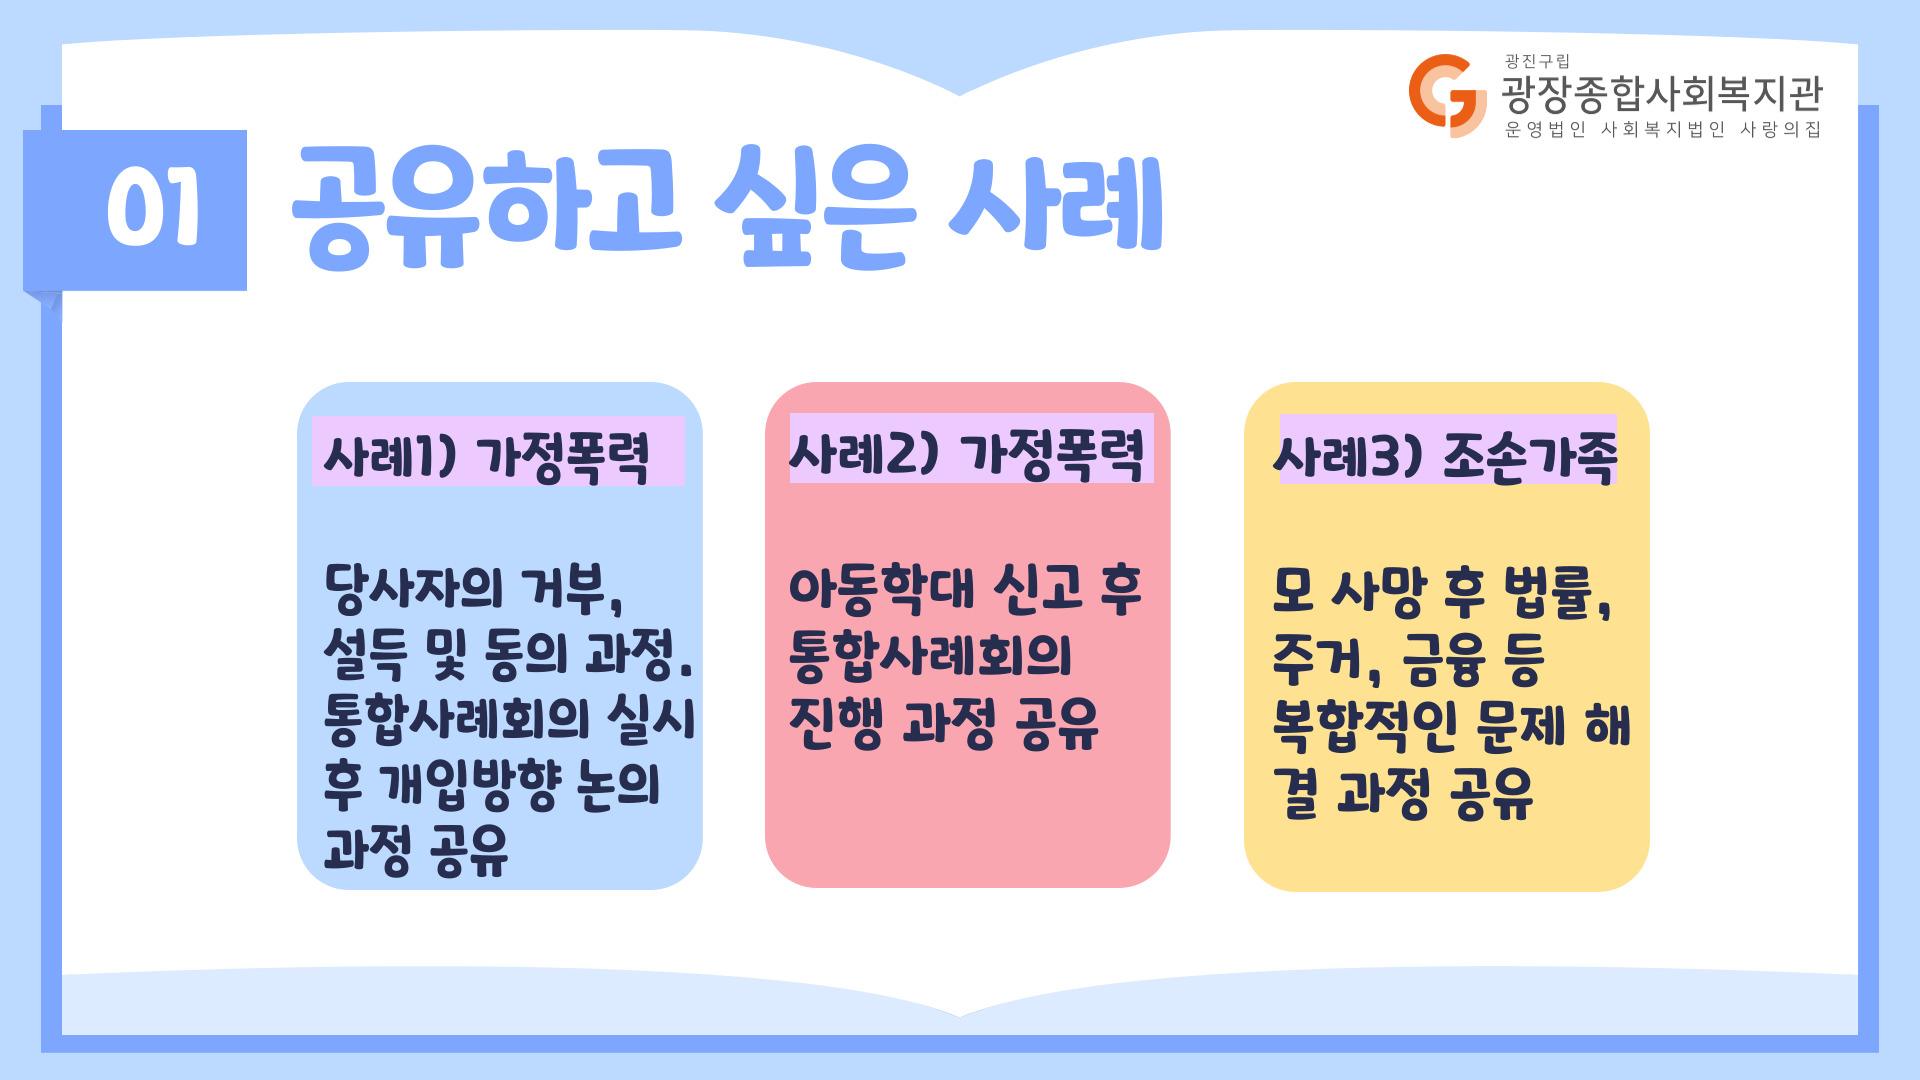 홈페이지-홍보_20210203-구의광장권역-통합사례관리-분과_복사본-004.jpg